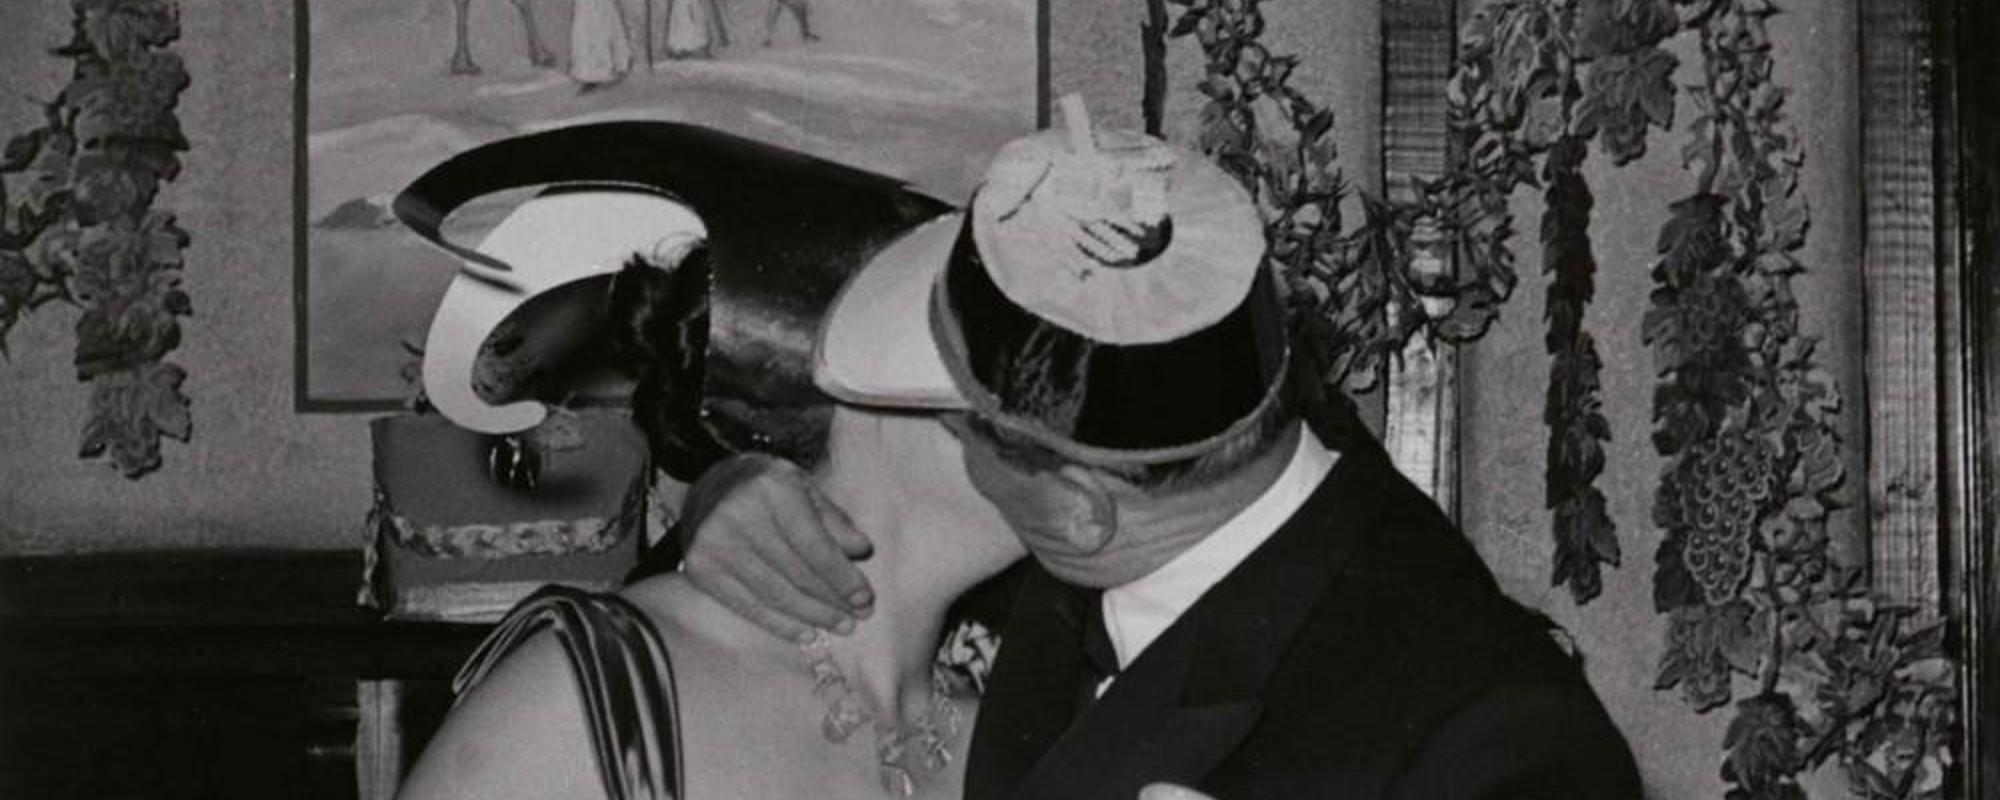 Wie ein kommunistischer Diktator Silvester feierte